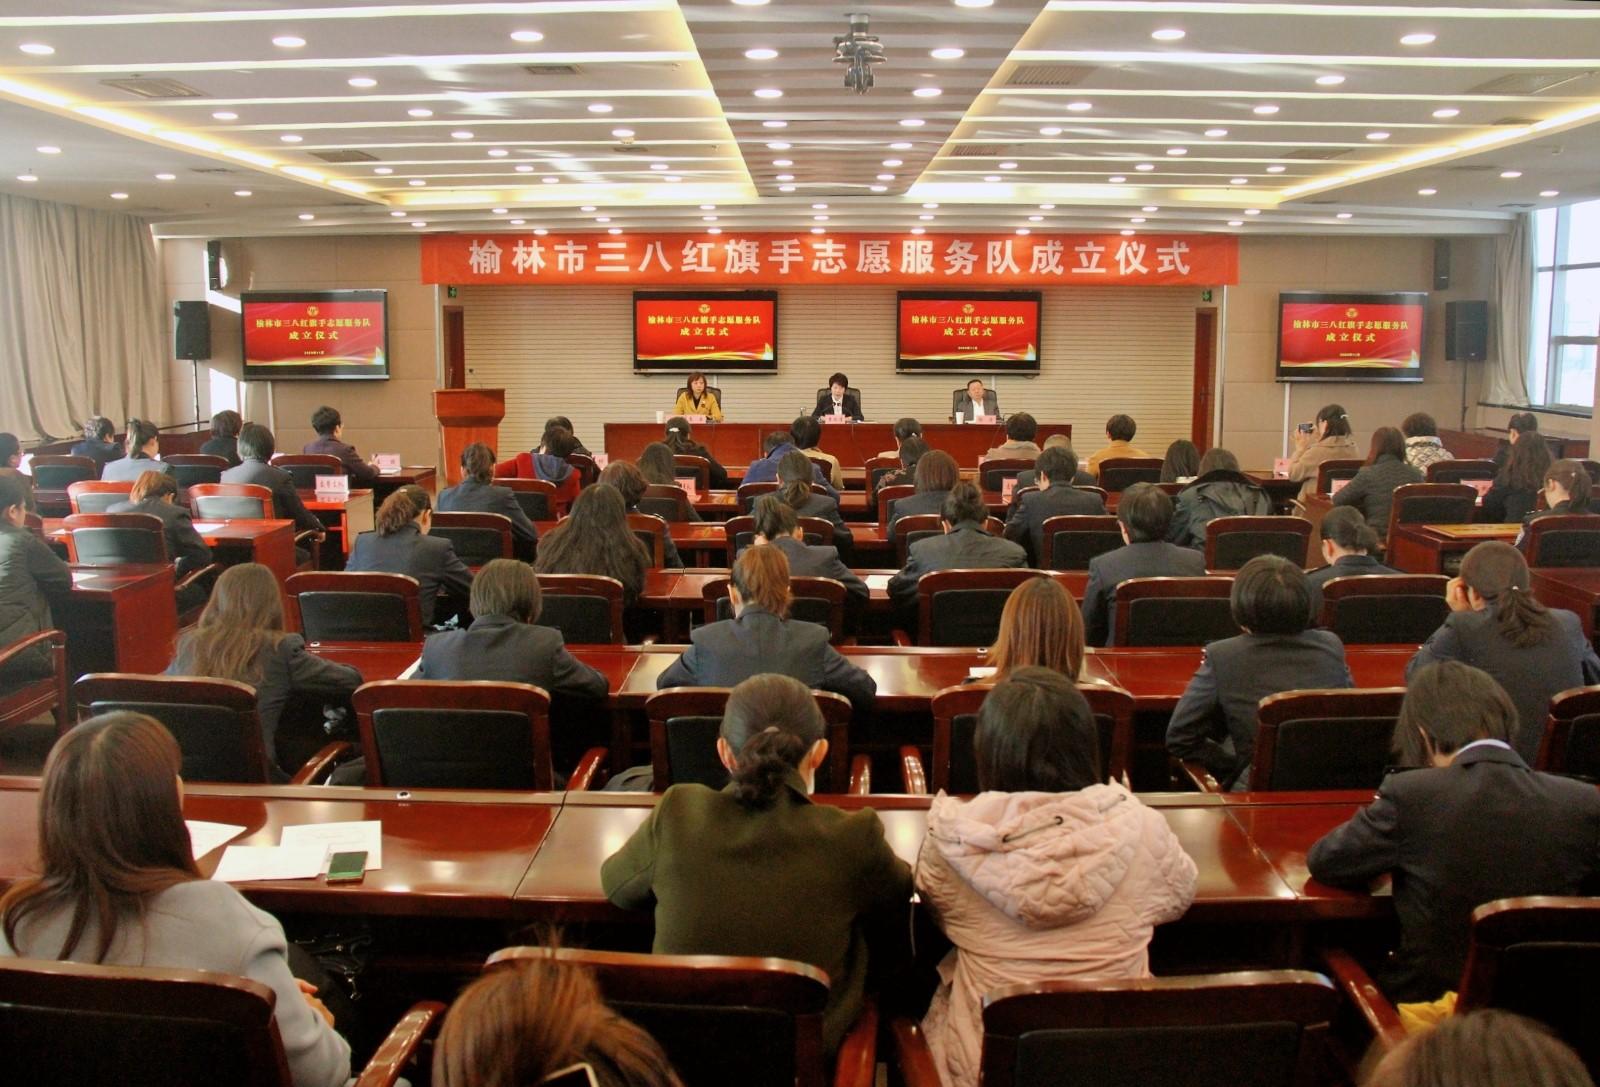 榆林市三八红旗手志愿服务队成立仪式现场.jpg